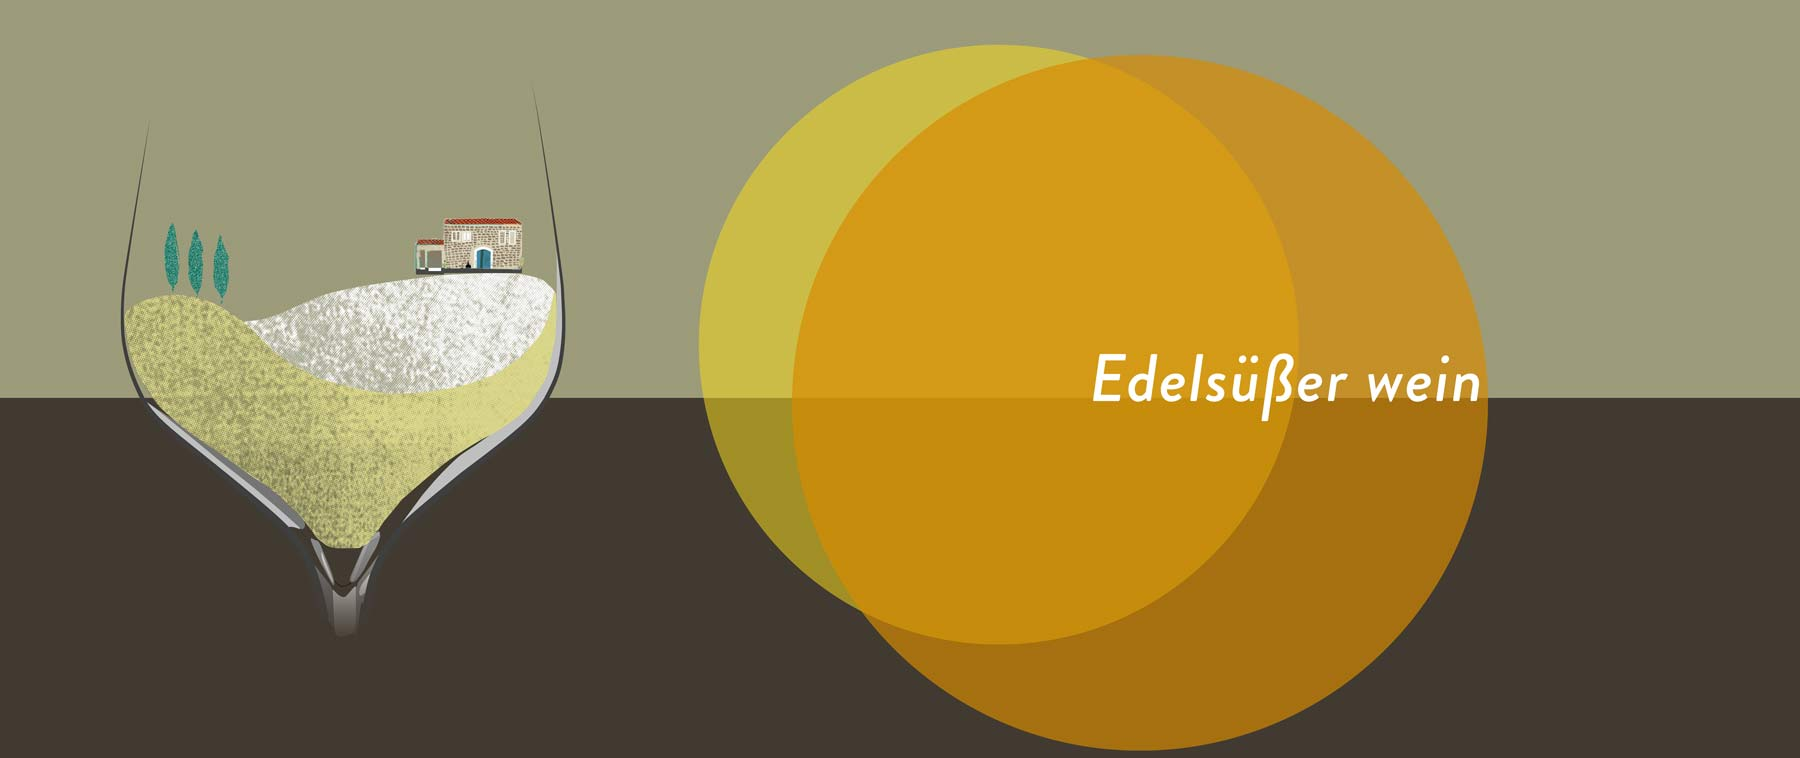 Edelsüße Weine sind nicht einfach süß, sondern perfekt mit Säure balanciert.